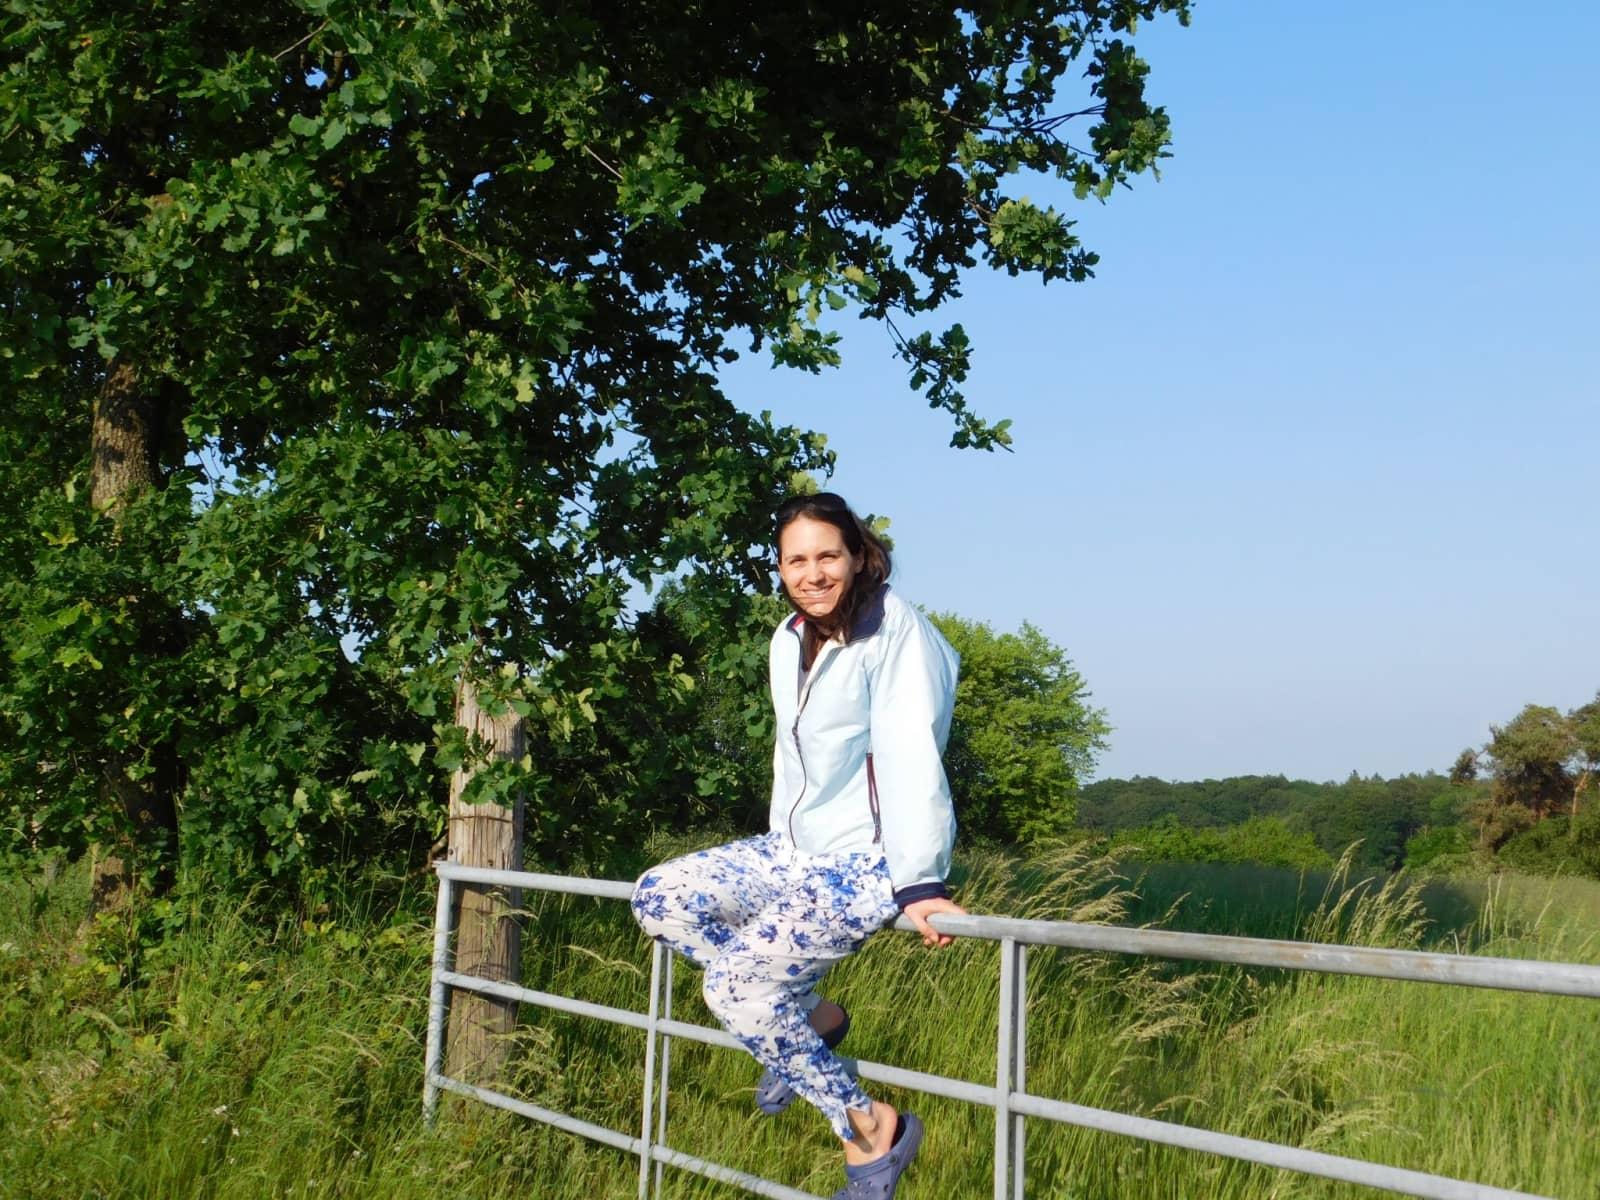 Antonia from Hamburg, Germany